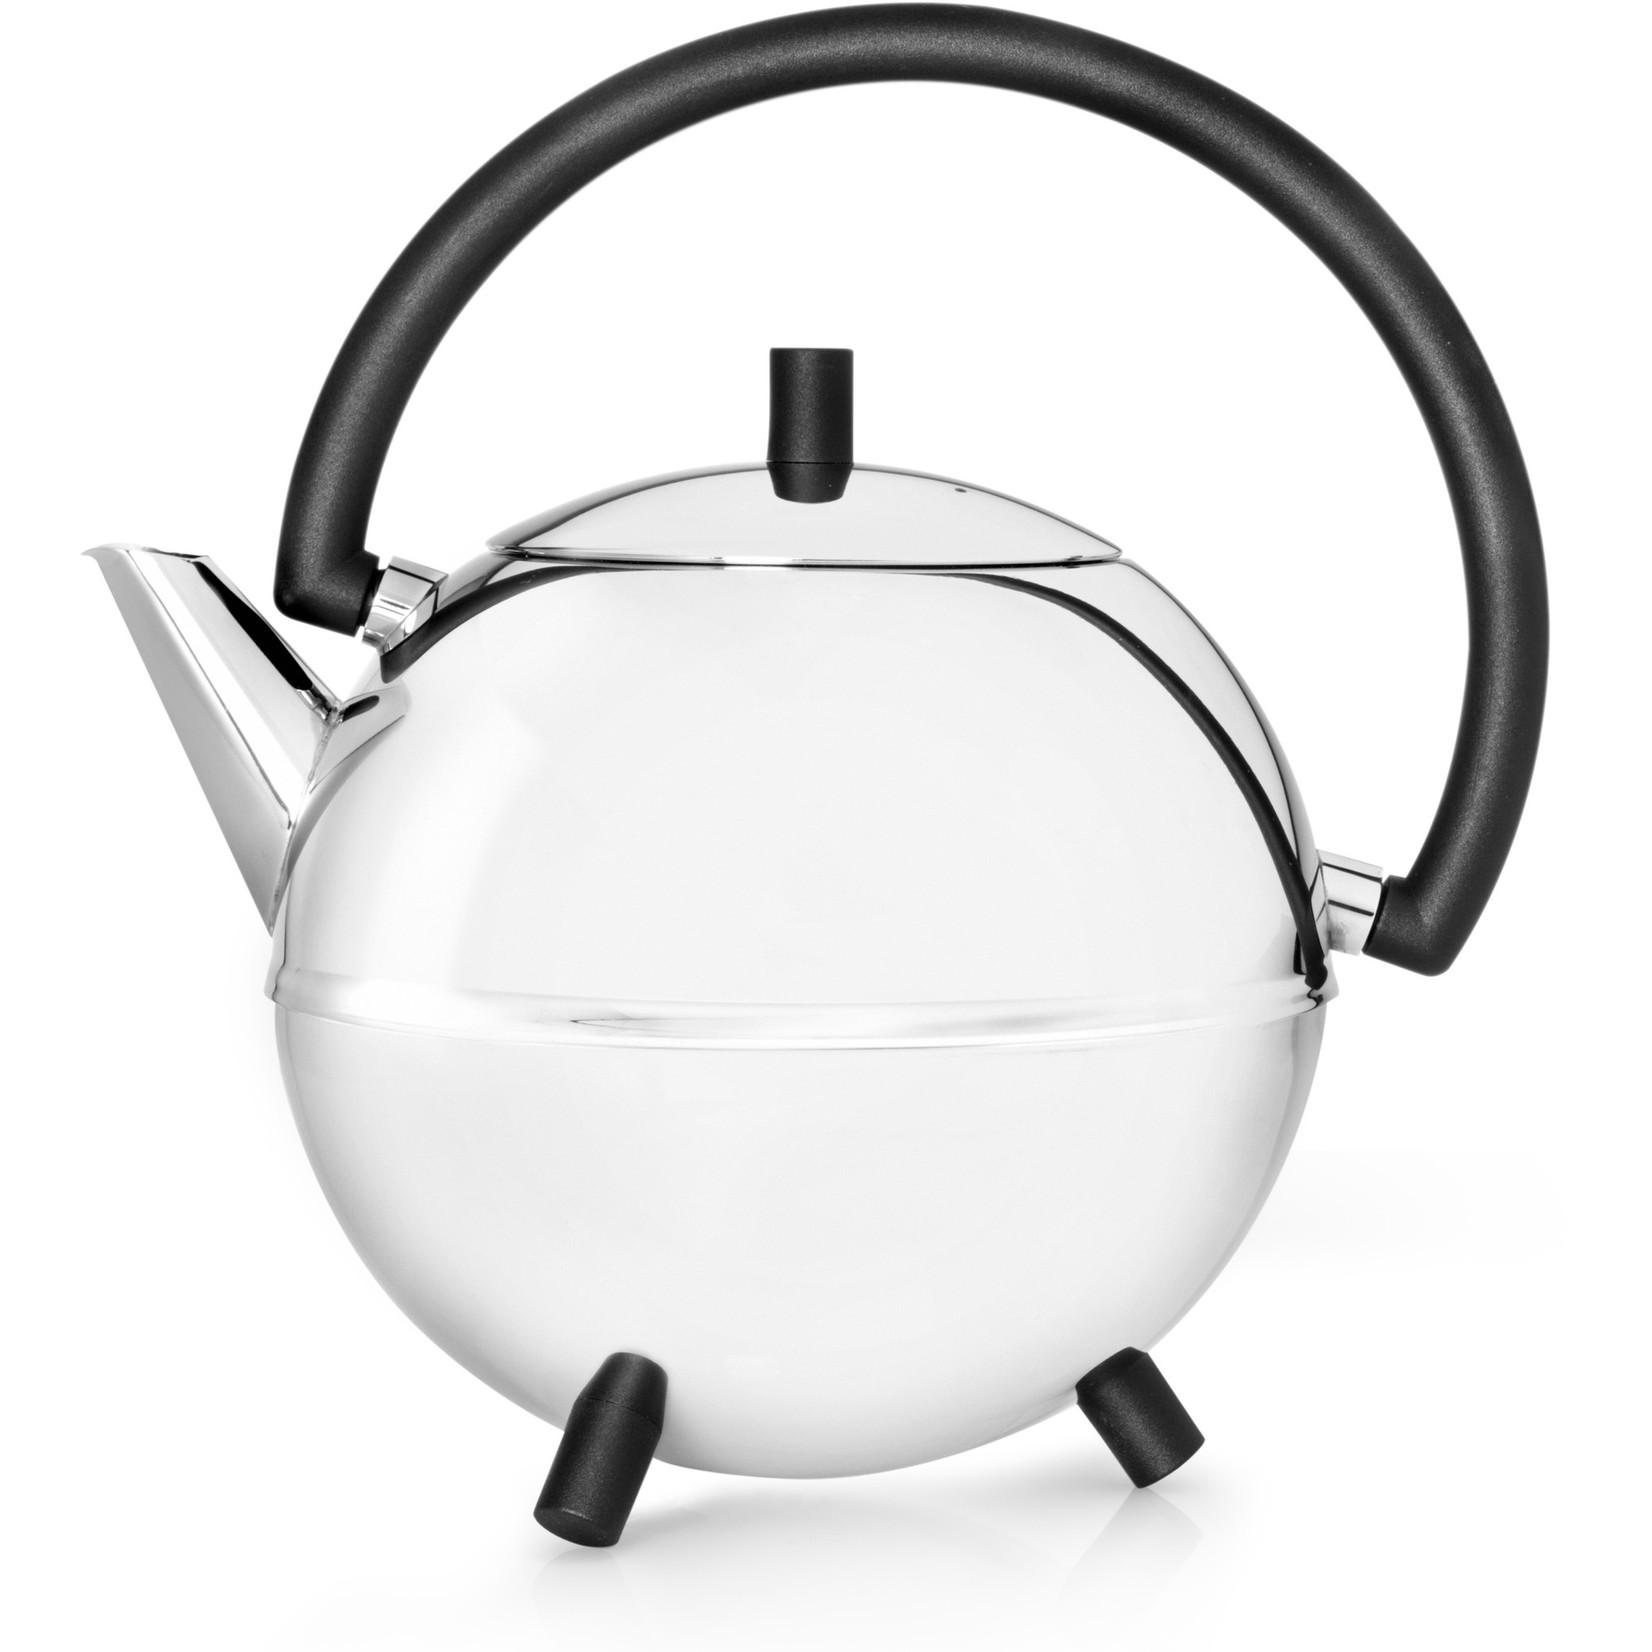 Bredemeijer Bredemeijer Duet Saturn Theepot Mat zwart beslag 1,2 ltr